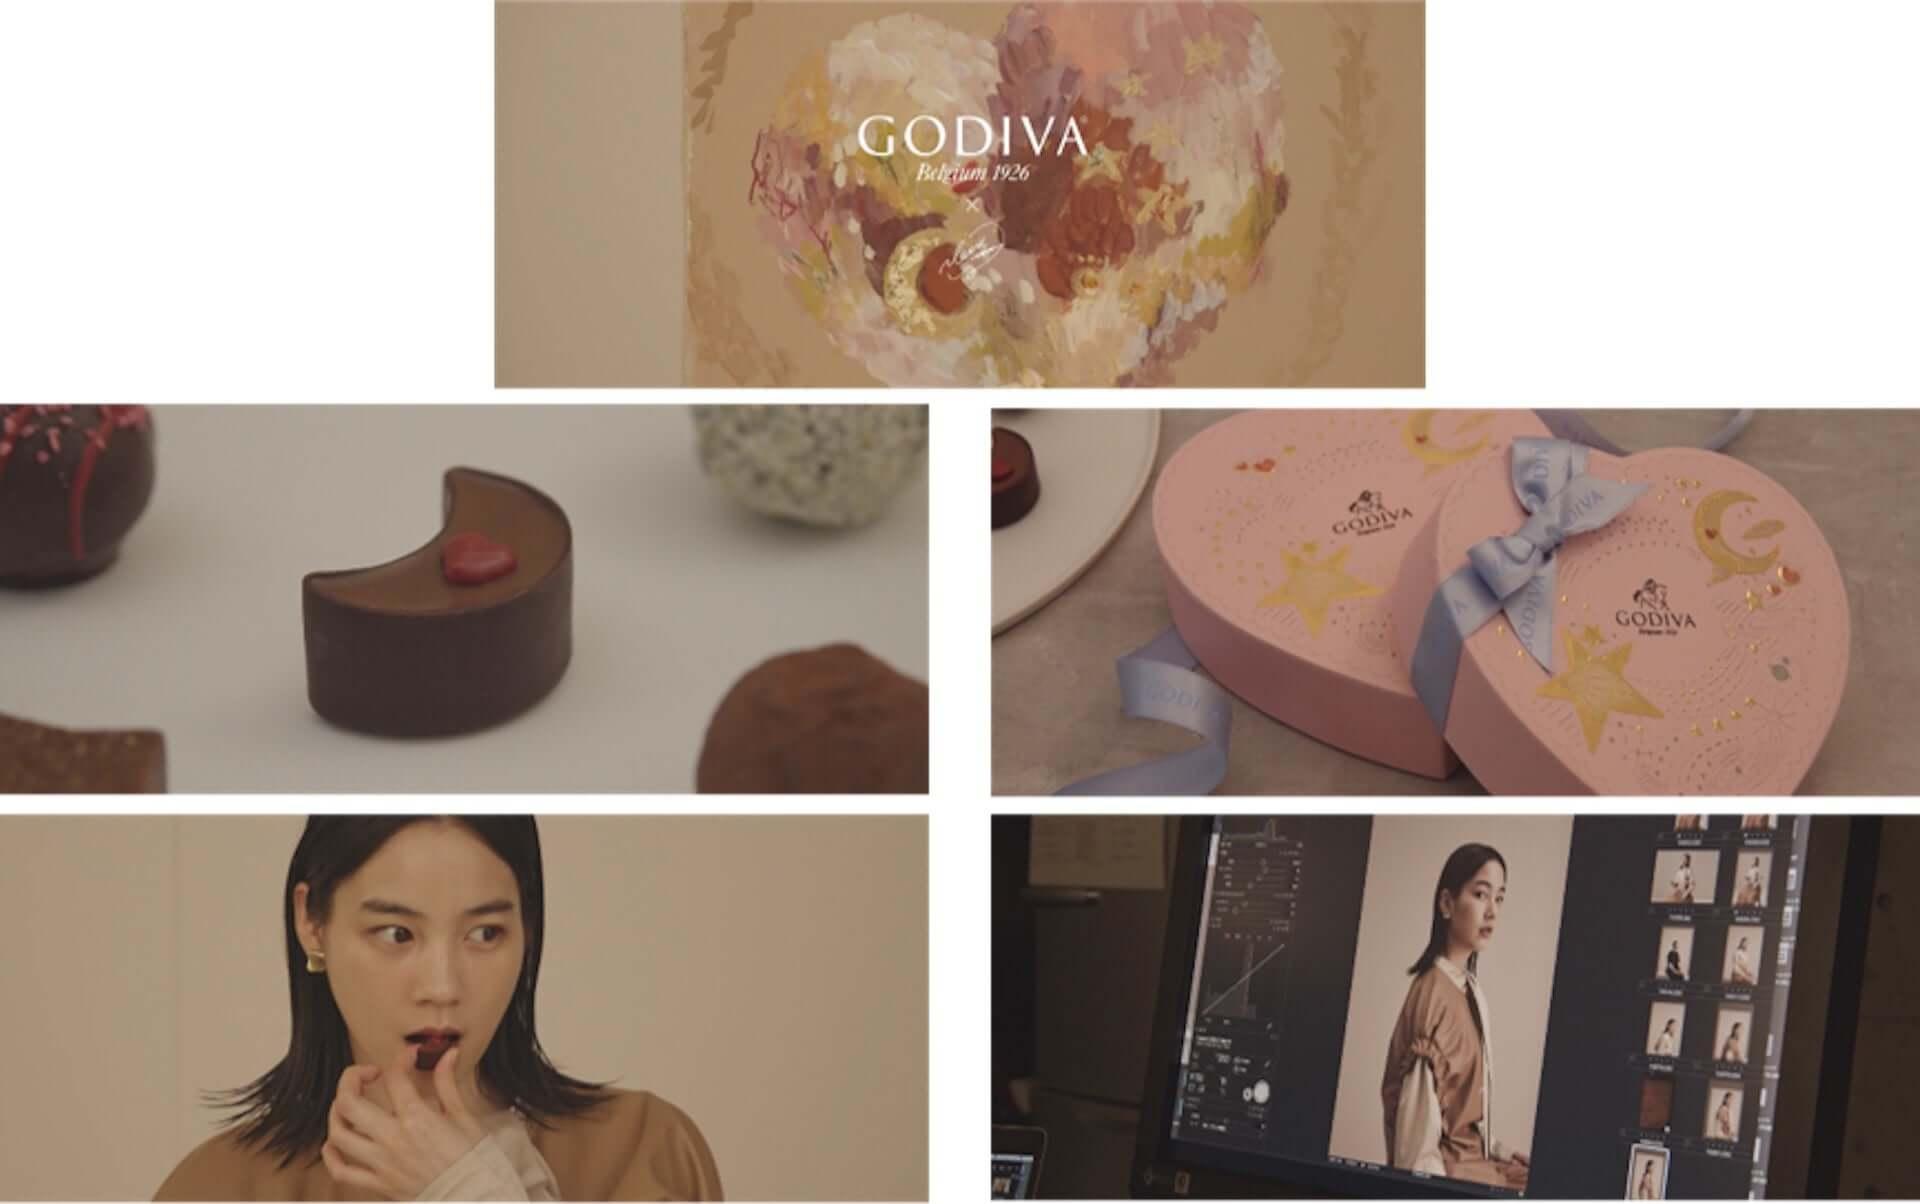 のんとゴディバが贈るバレンタイン限定コレクション「きらめく想い」が発売!オリジナルTシャツのプレゼント企画も実施 gourmet210108_godiva_10-1920x1204